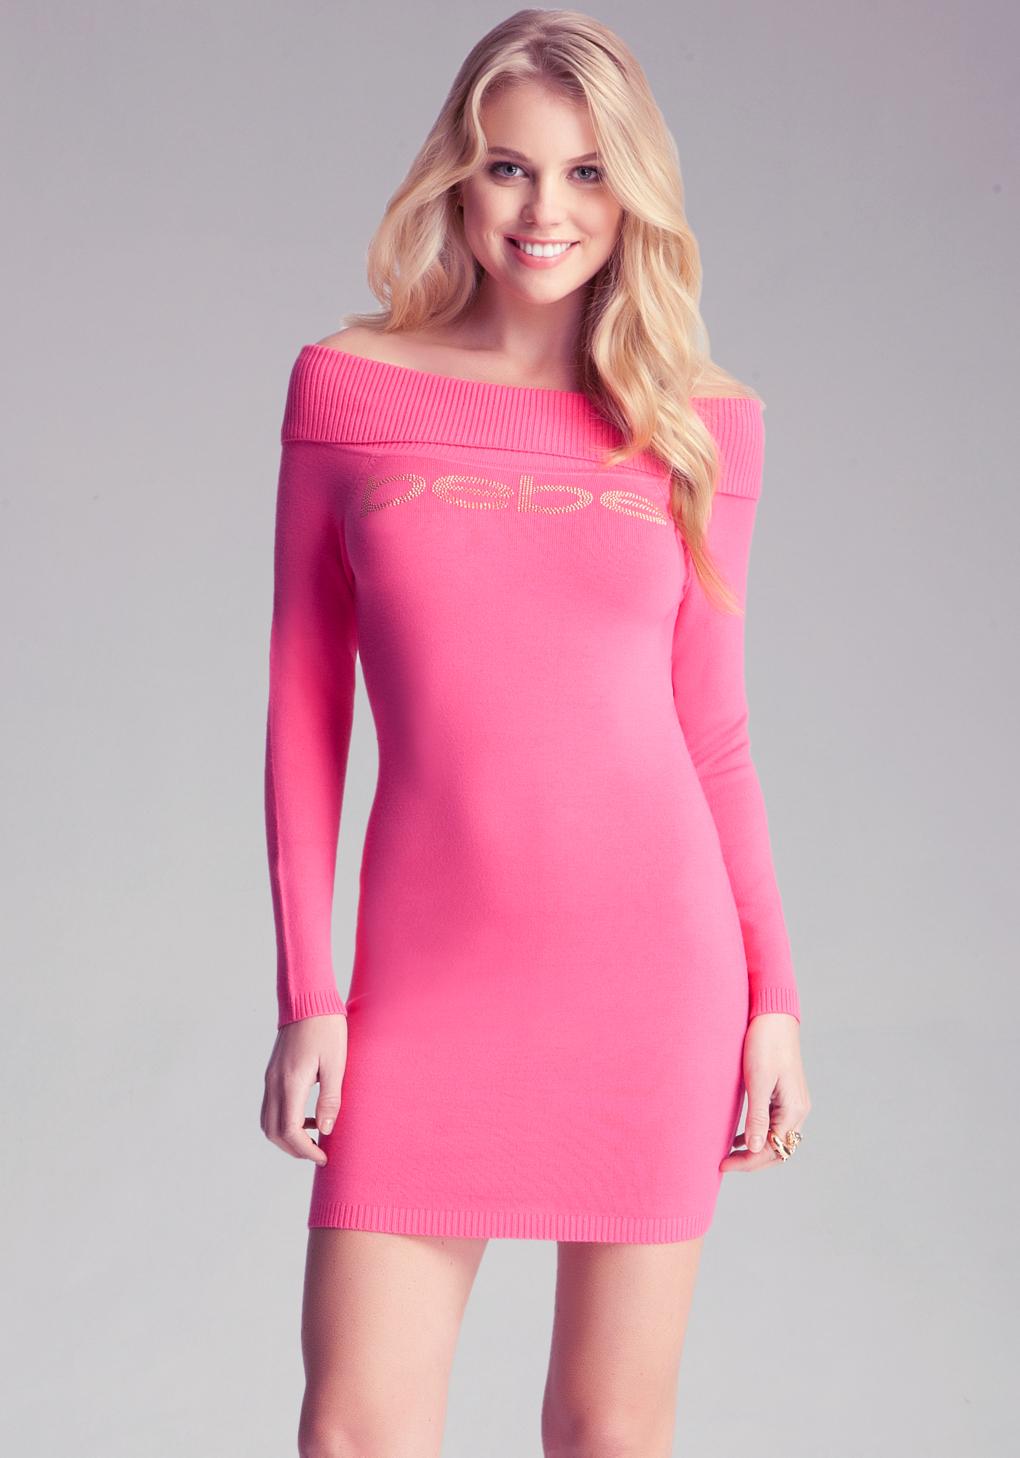 Bebe Off Shoulder Sweater Dress In Rose (Pink)